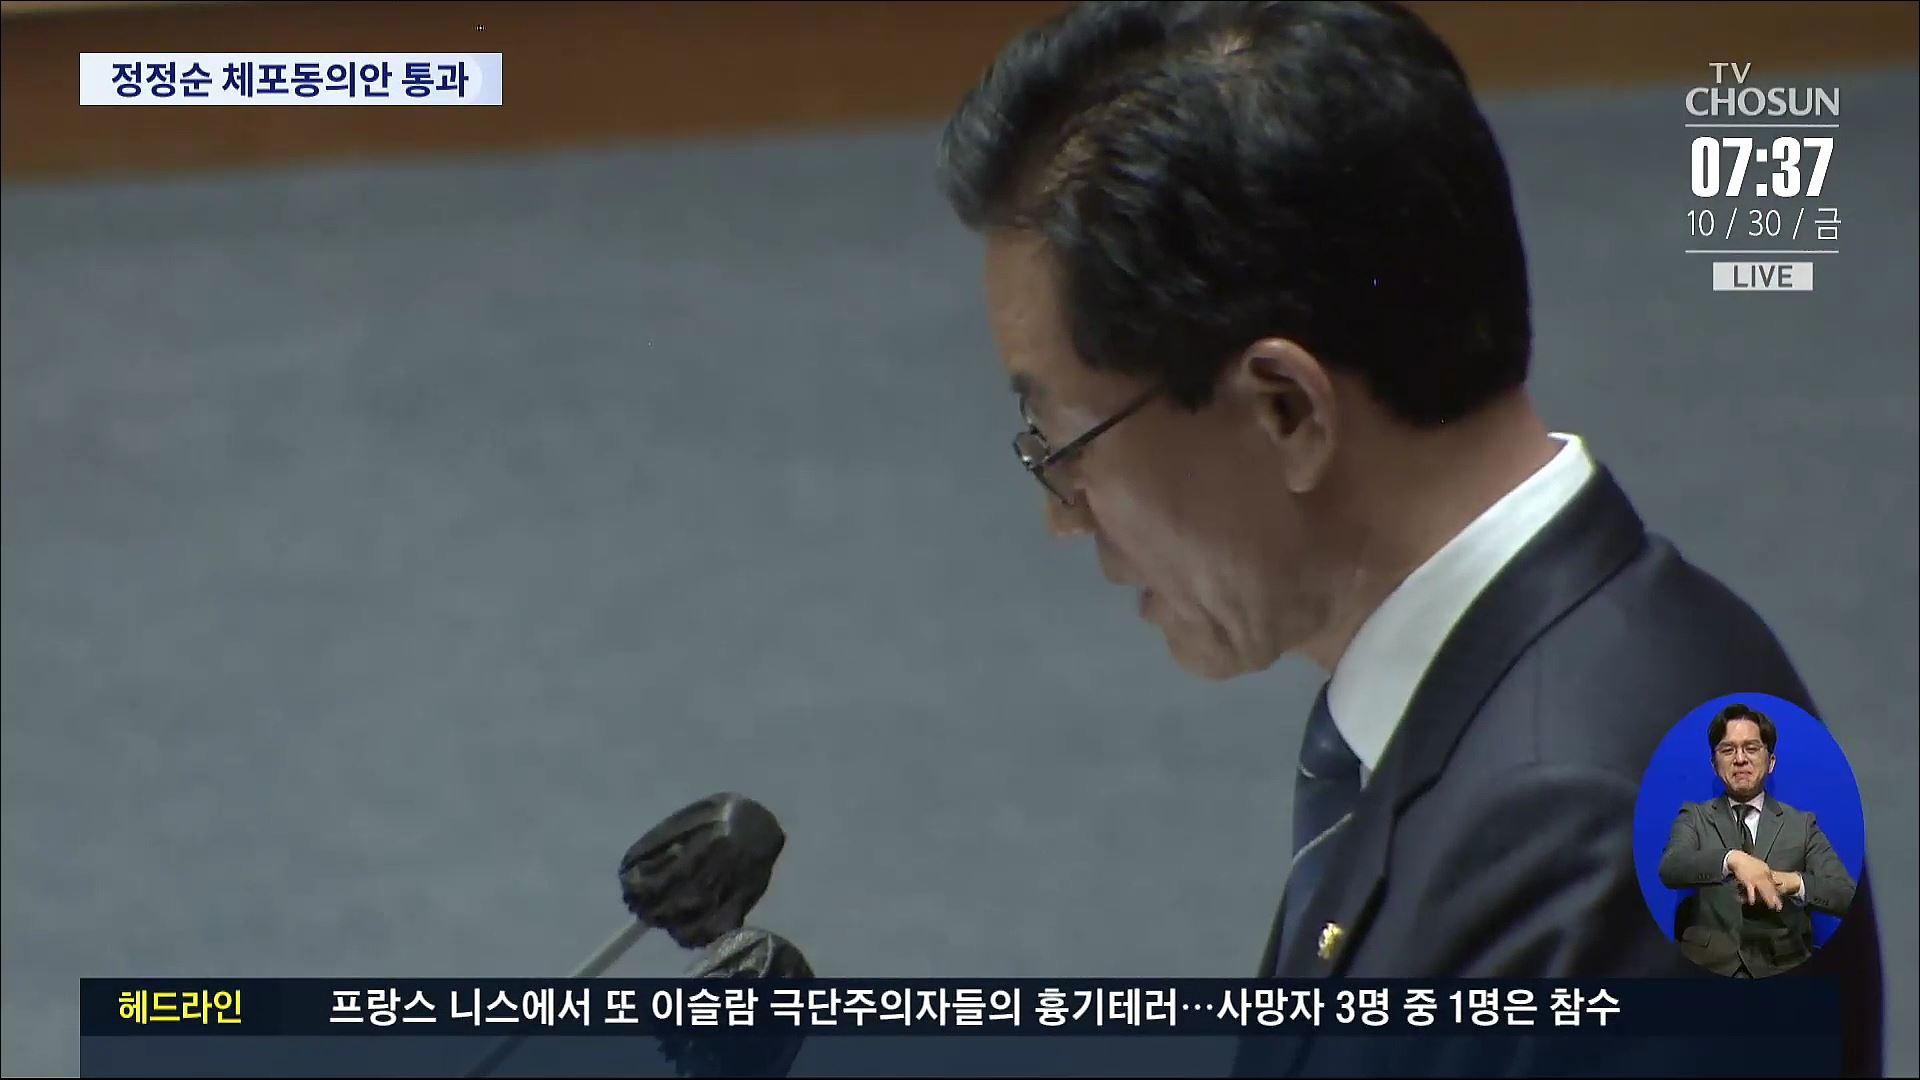 정정순, 국회 체포 동의 9시간만에 영장 발부